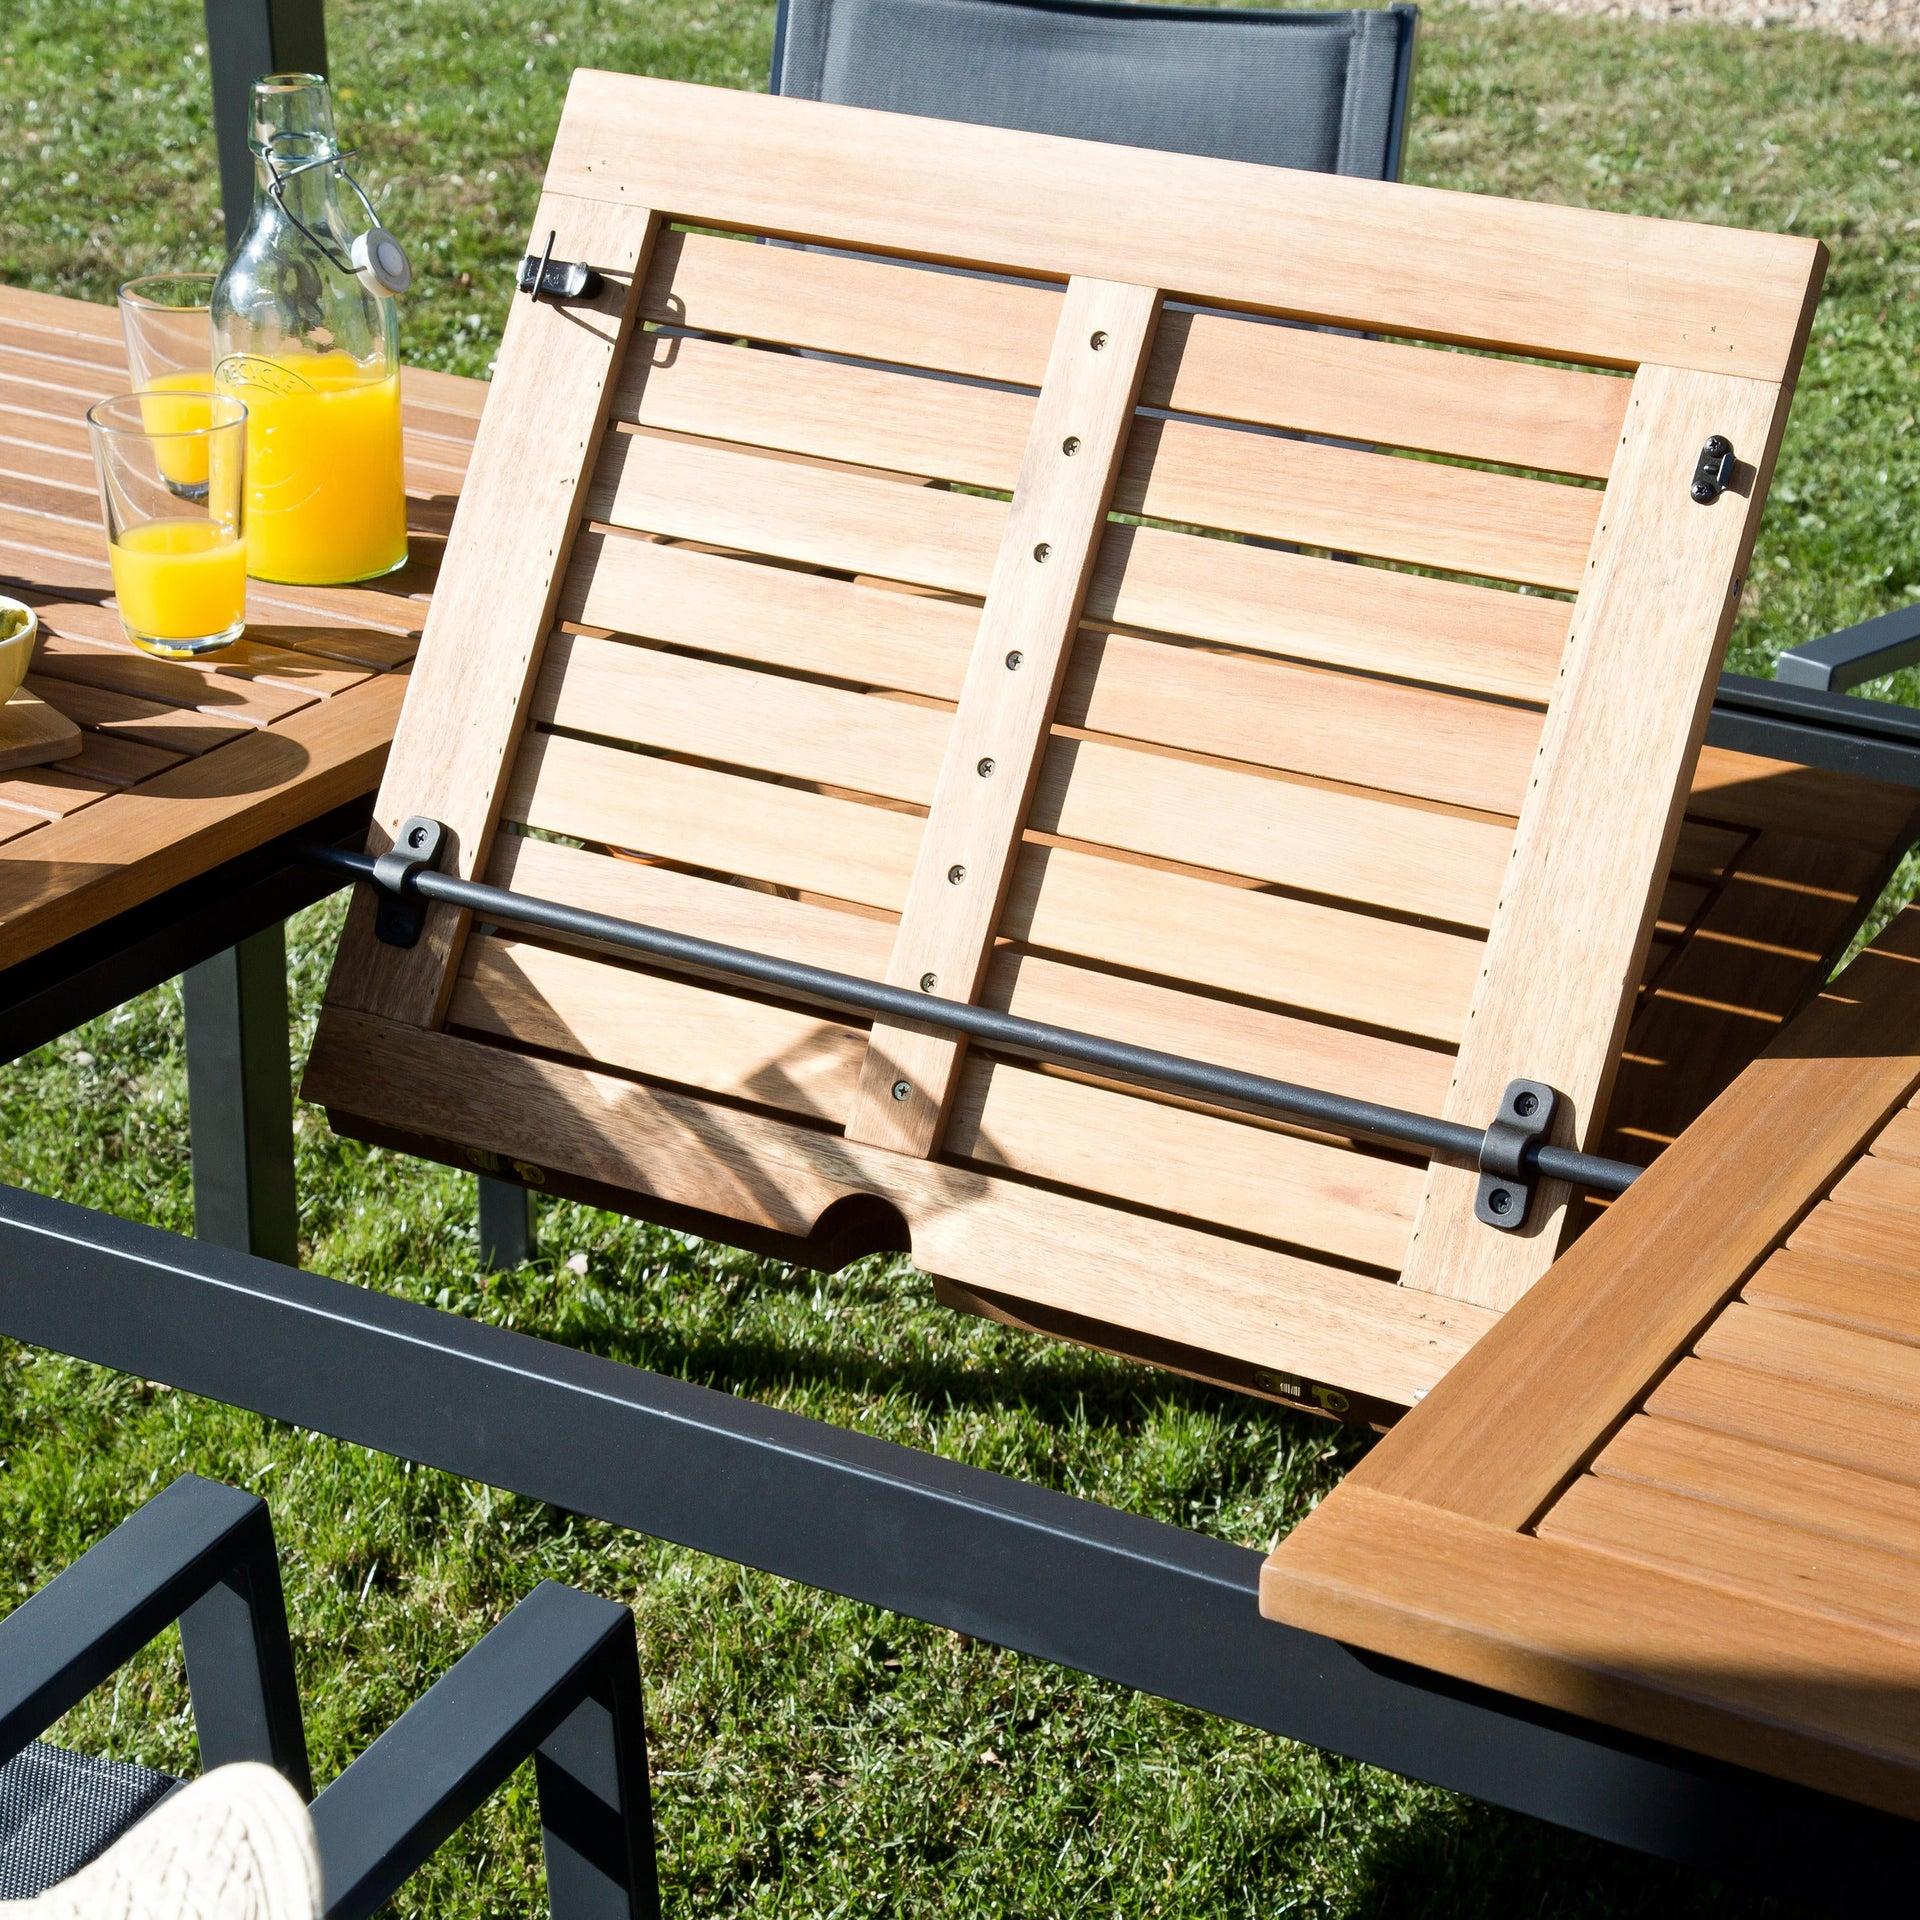 Tavolo da giardino allungabile rettangolare Oris NATERIAL con piano in legno L 180/240 x P 98.9 cm - 14